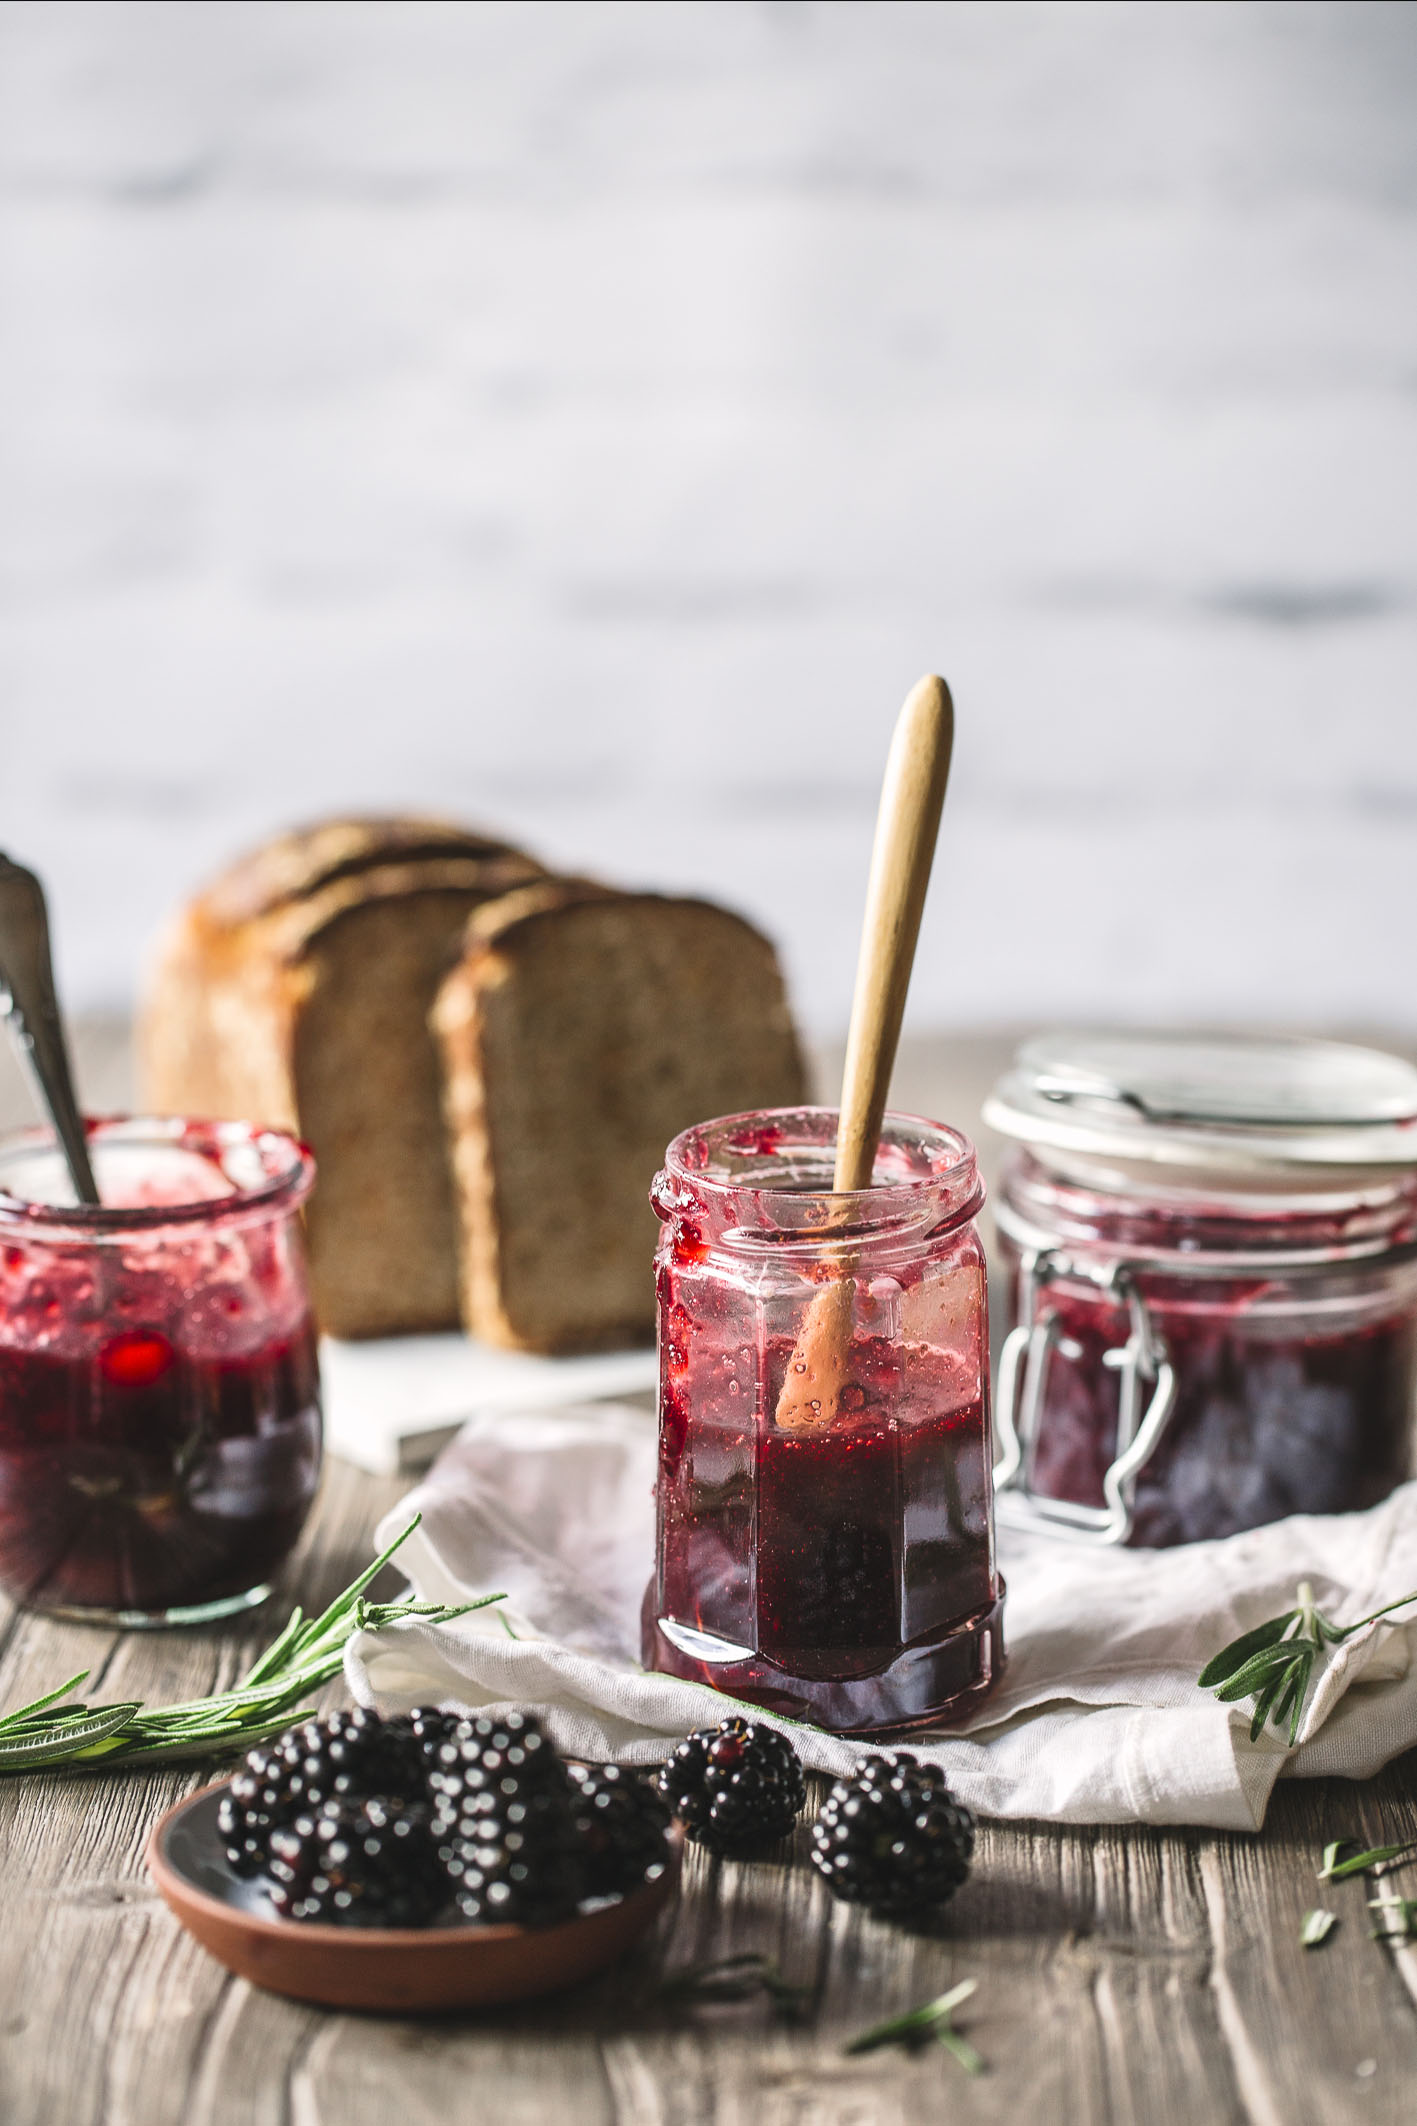 Apfel-Brombeer-Marmelade in drei Gläsern auf Holztisch